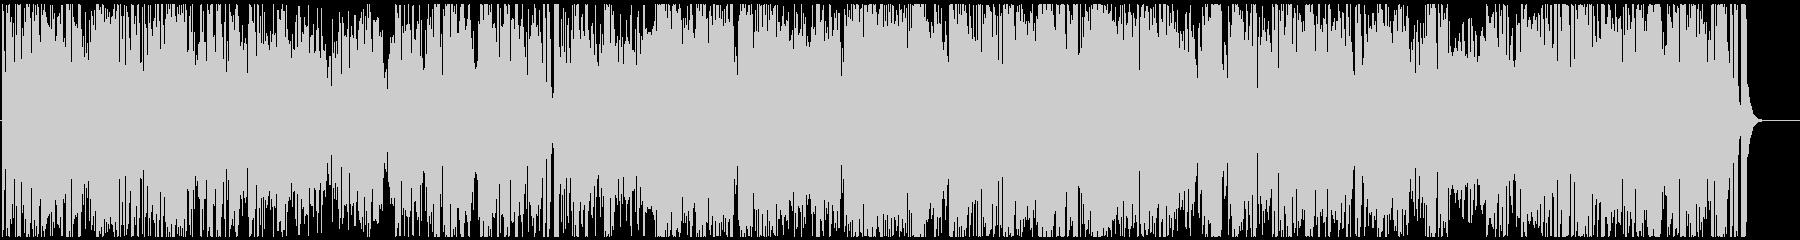 トロピカルなラテンジャズ サックス生録の未再生の波形